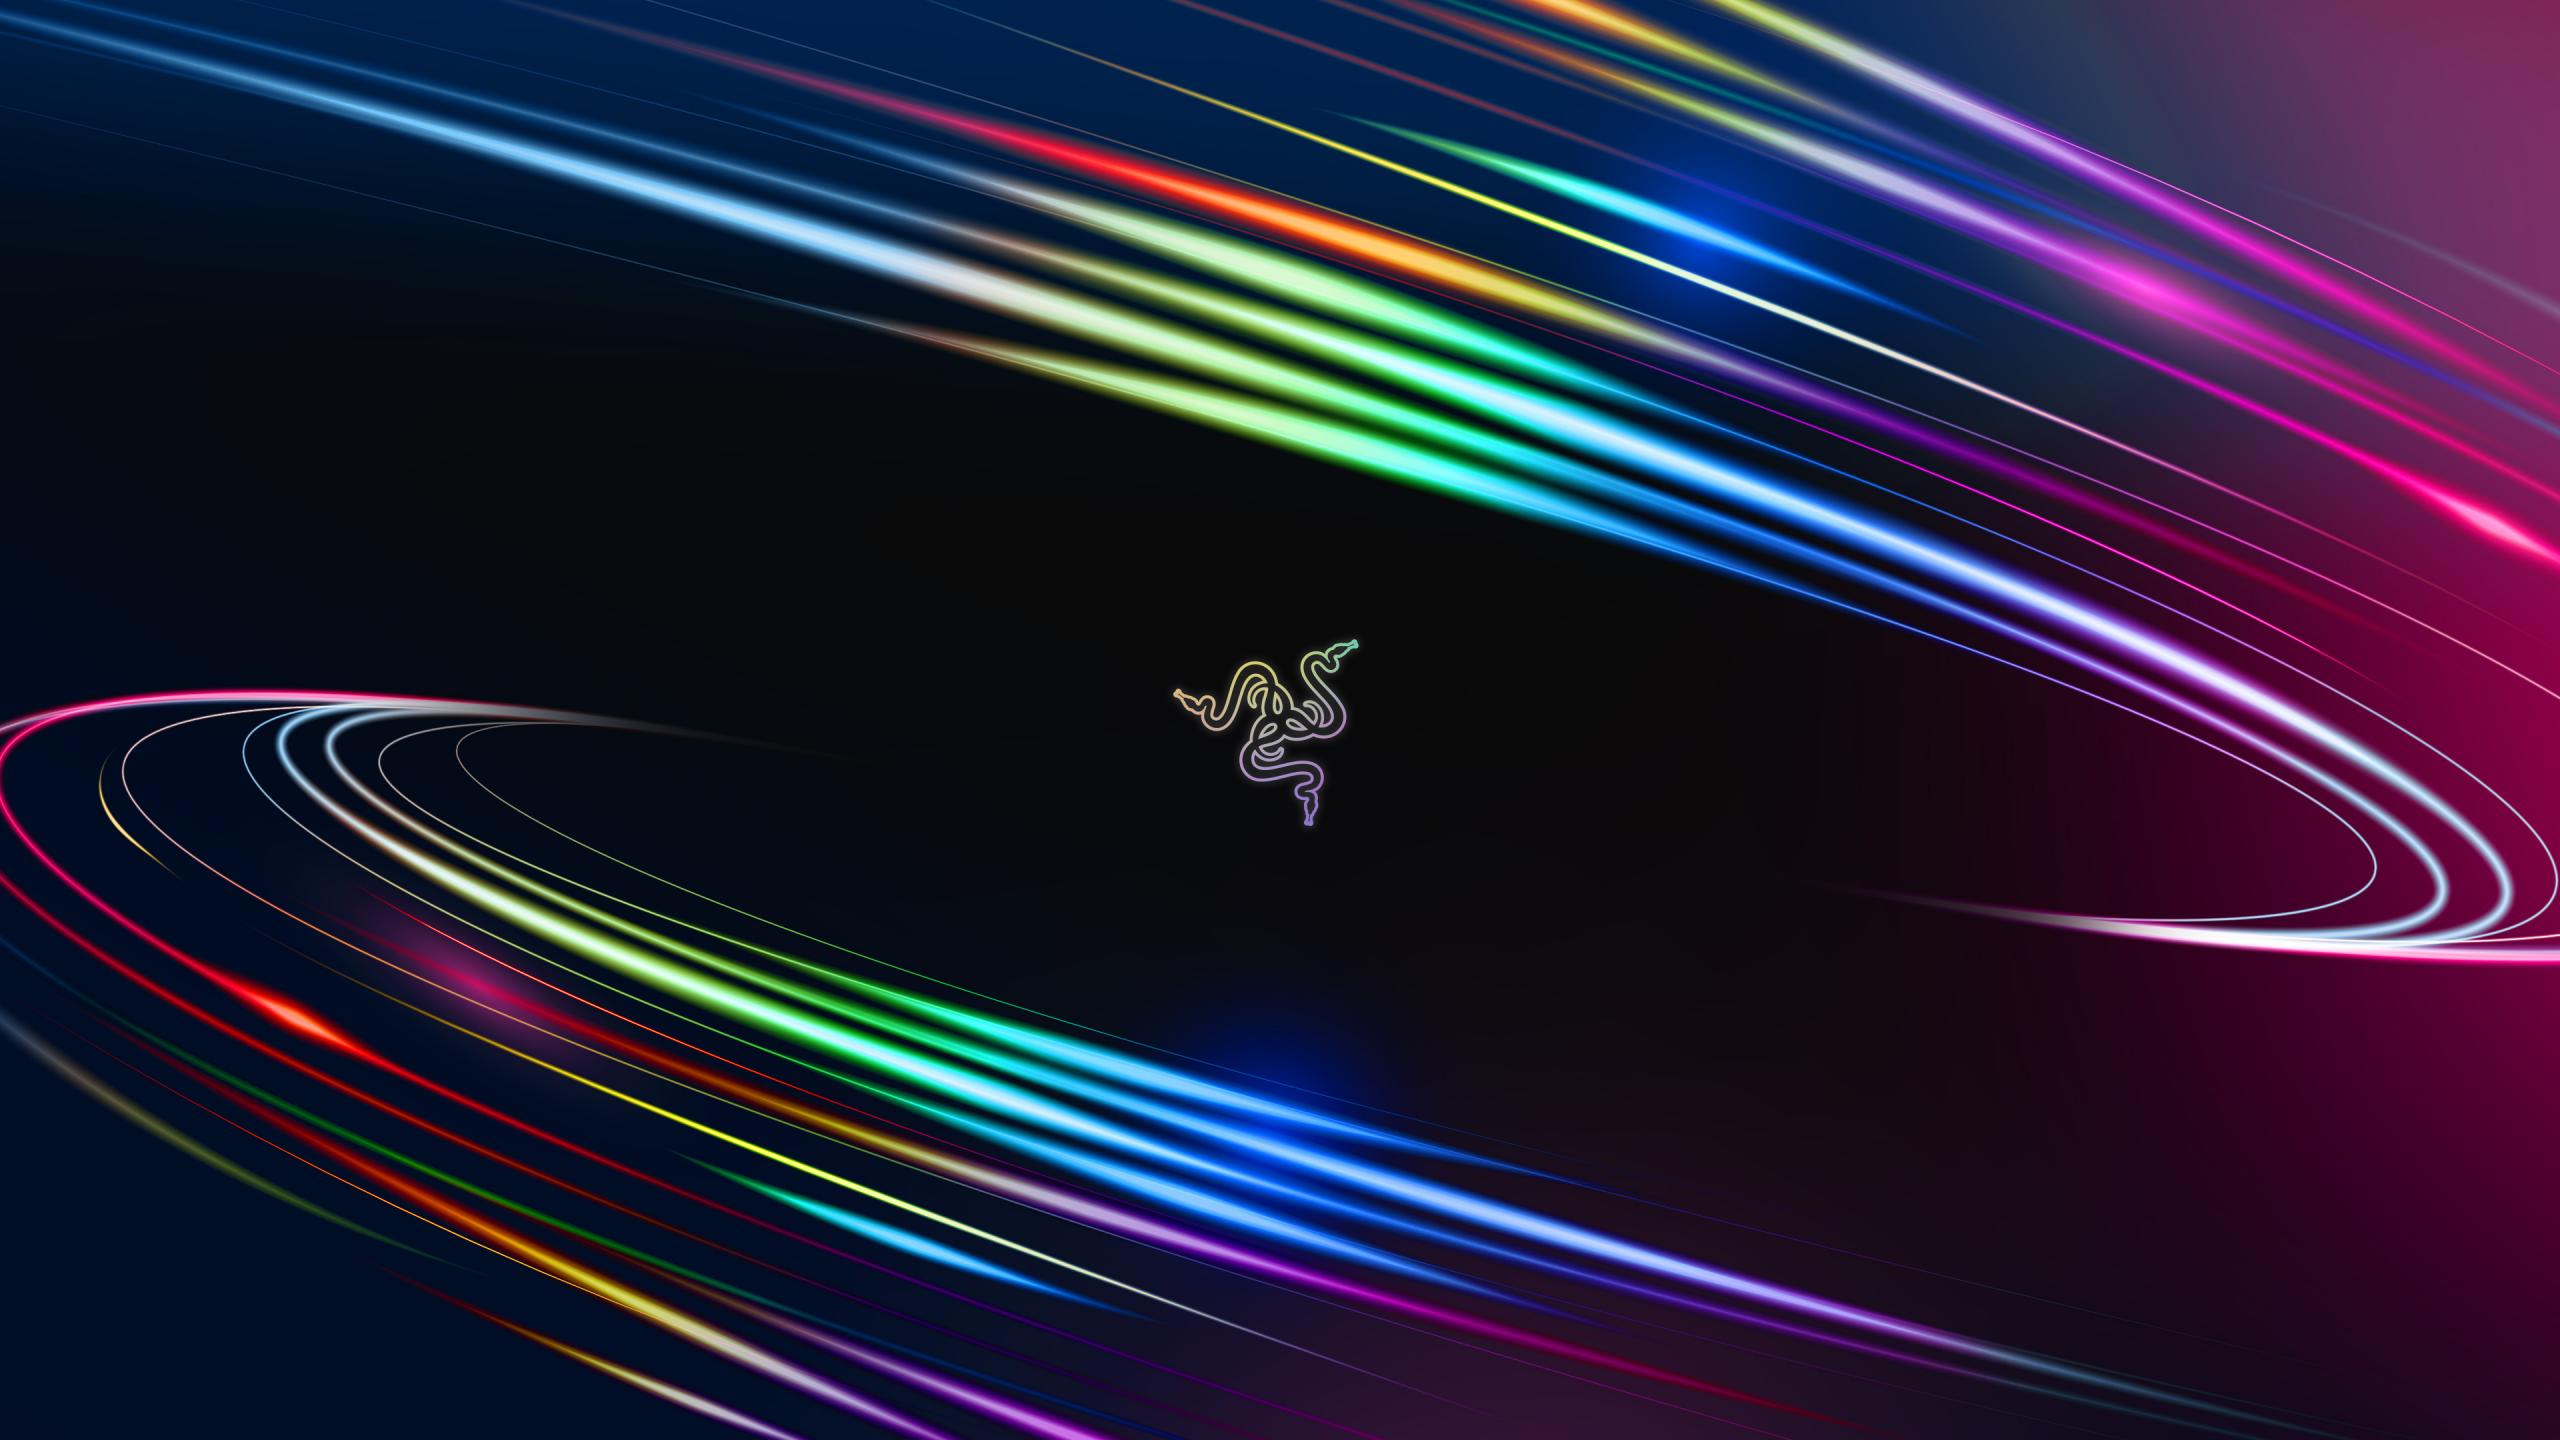 Vortex 4K Wallpaper, Waves, Spectrum ...